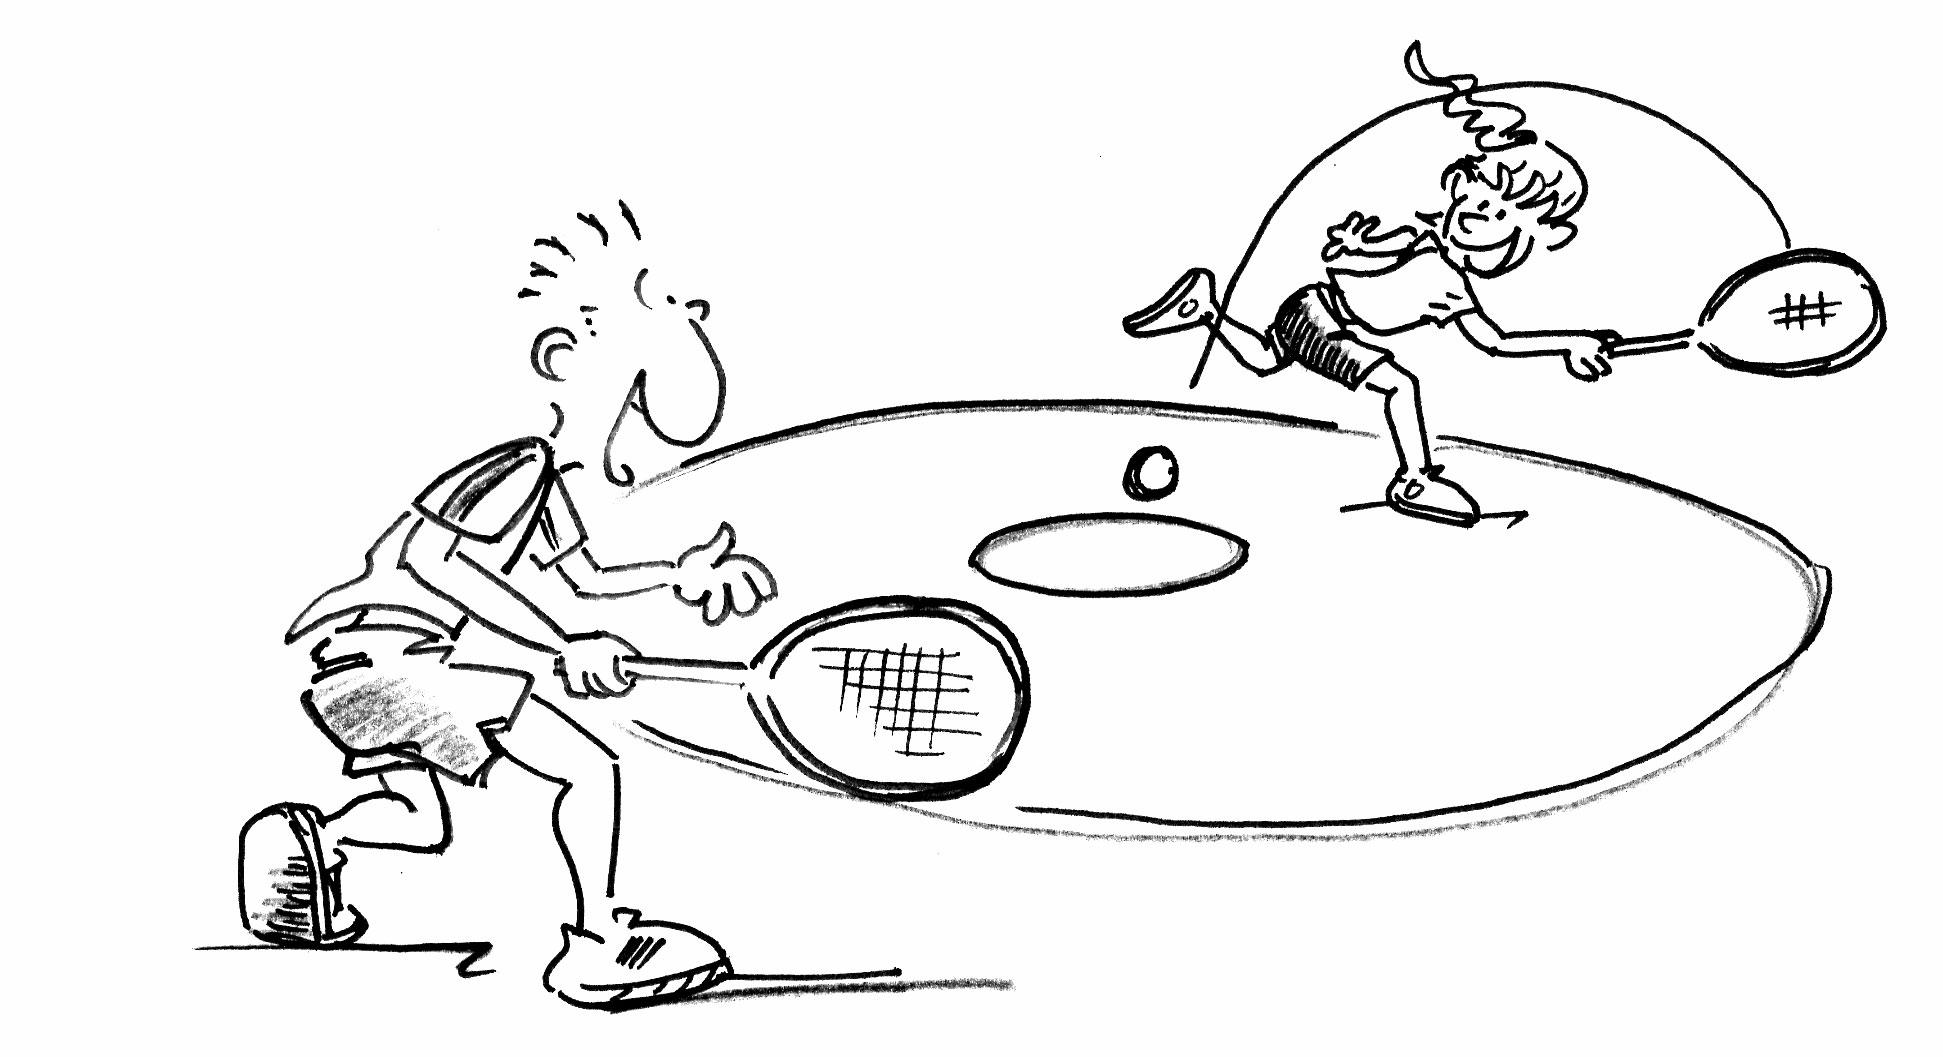 tennisspiel zu zweit